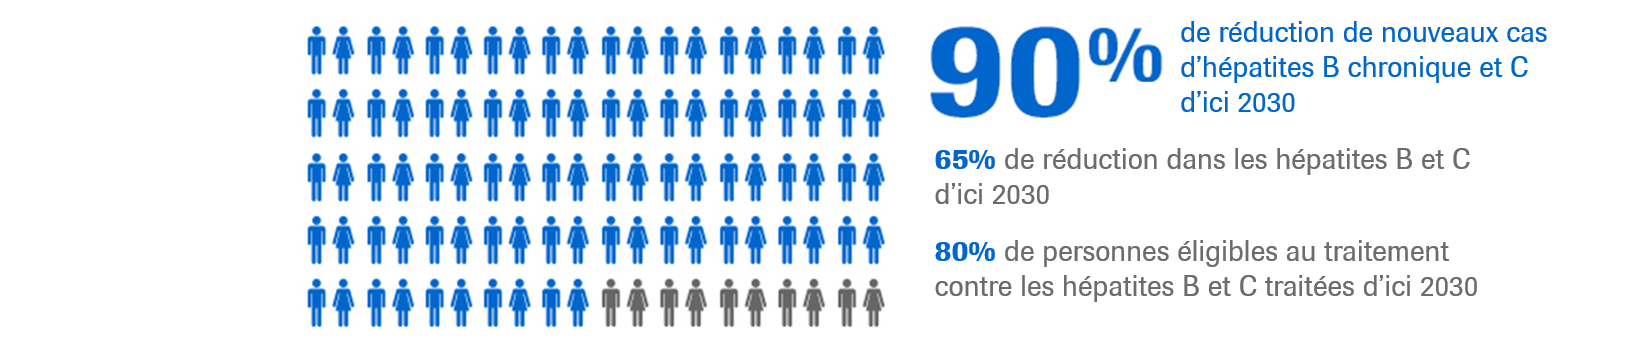 Réduction de 90 % des nouveaux cas d'hépatite chronique B et C d'ici 2030